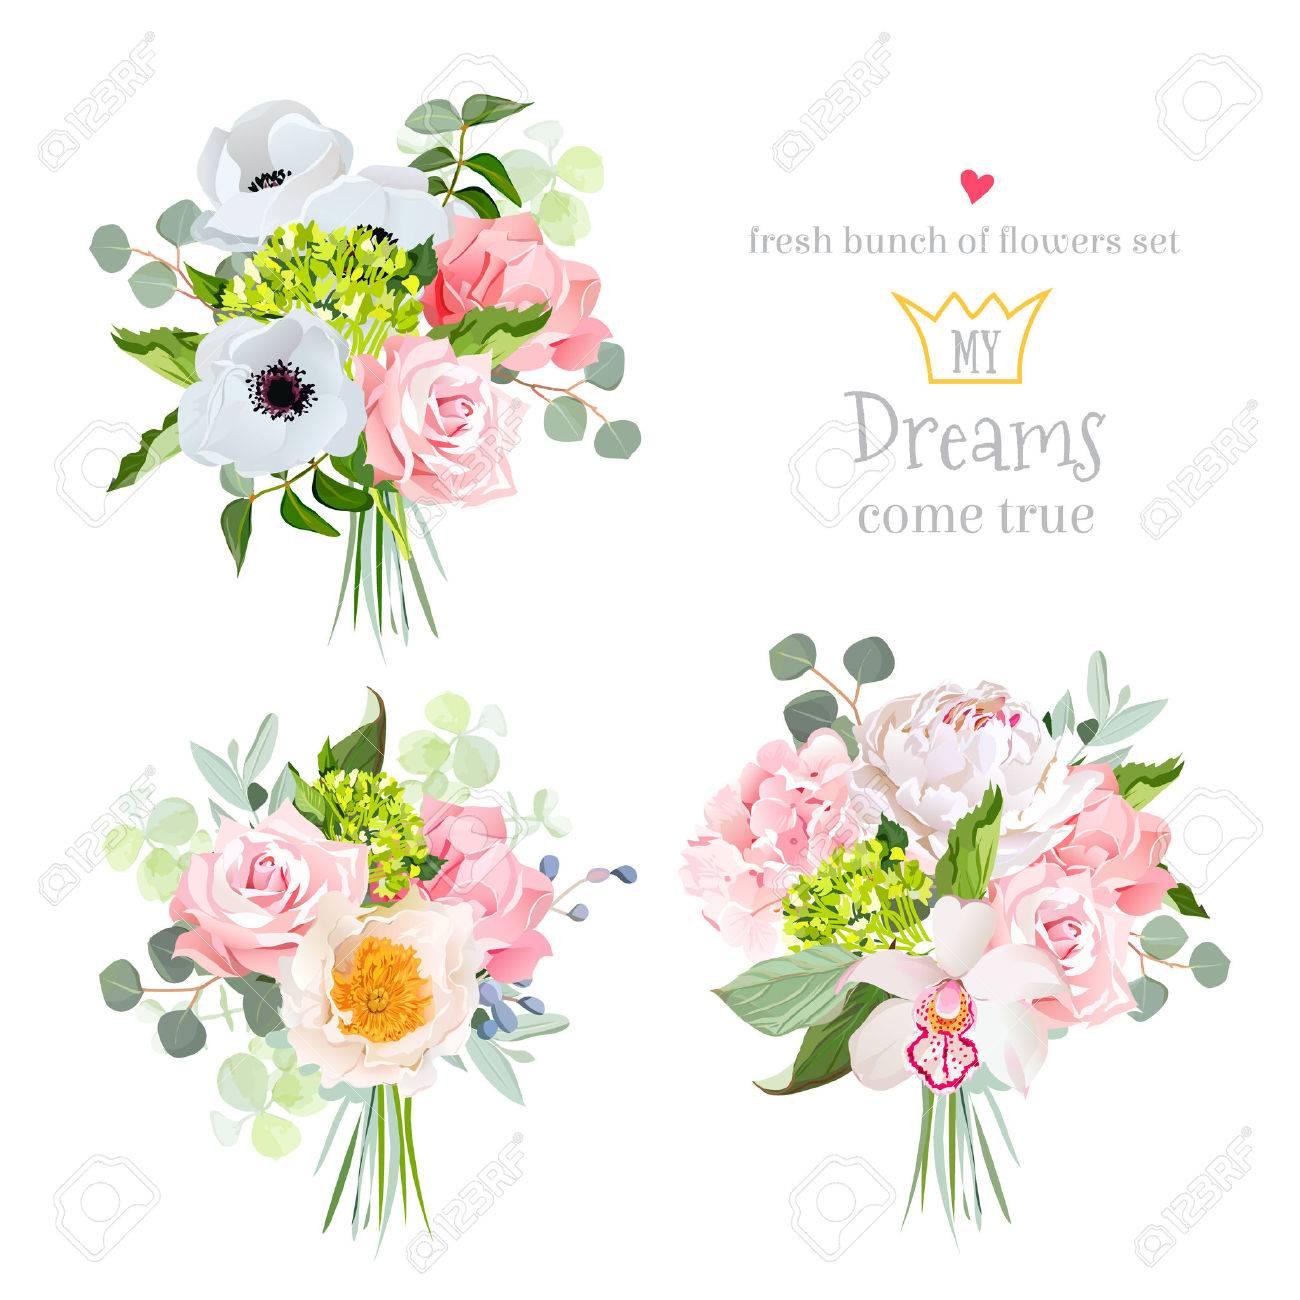 Feuille D Eucalyptus Bouquet bouquets surprise de rose, pivoine, anémone, hortensia, ?illet, orchidées  et d'eucalyptus feuilles.